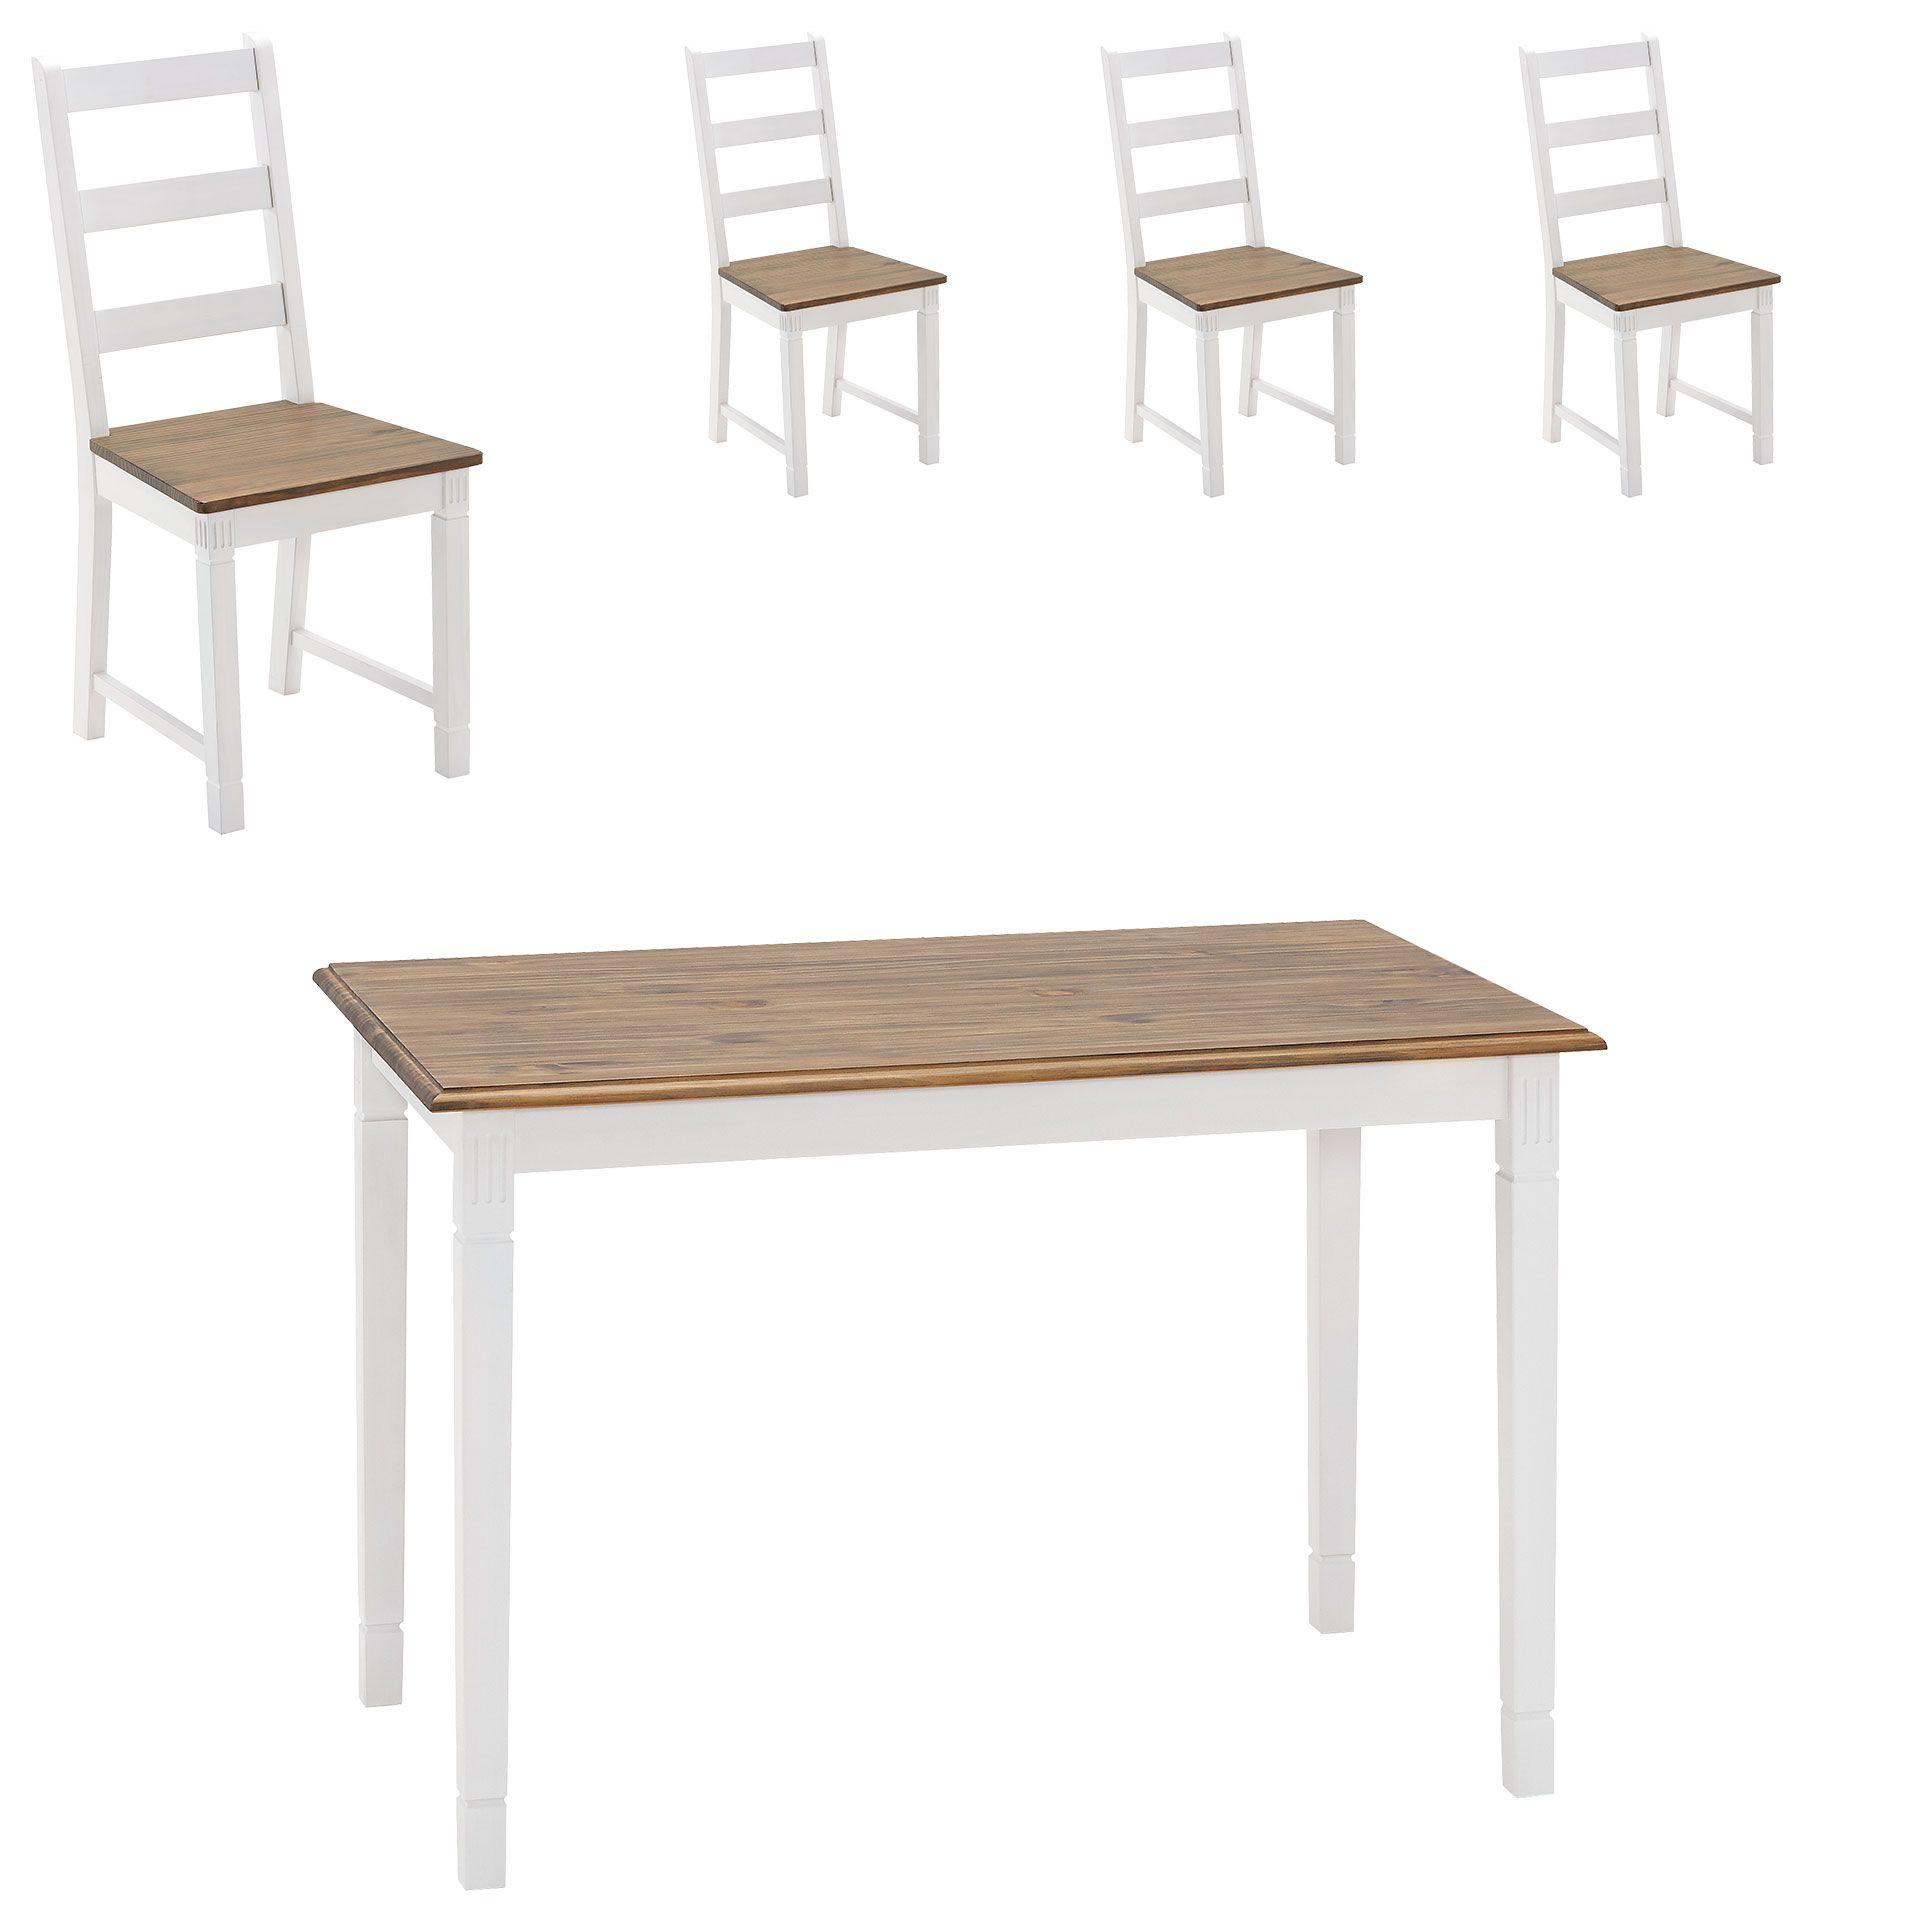 Holztisch Design Massivholz Tisch Bank Tisch Rund